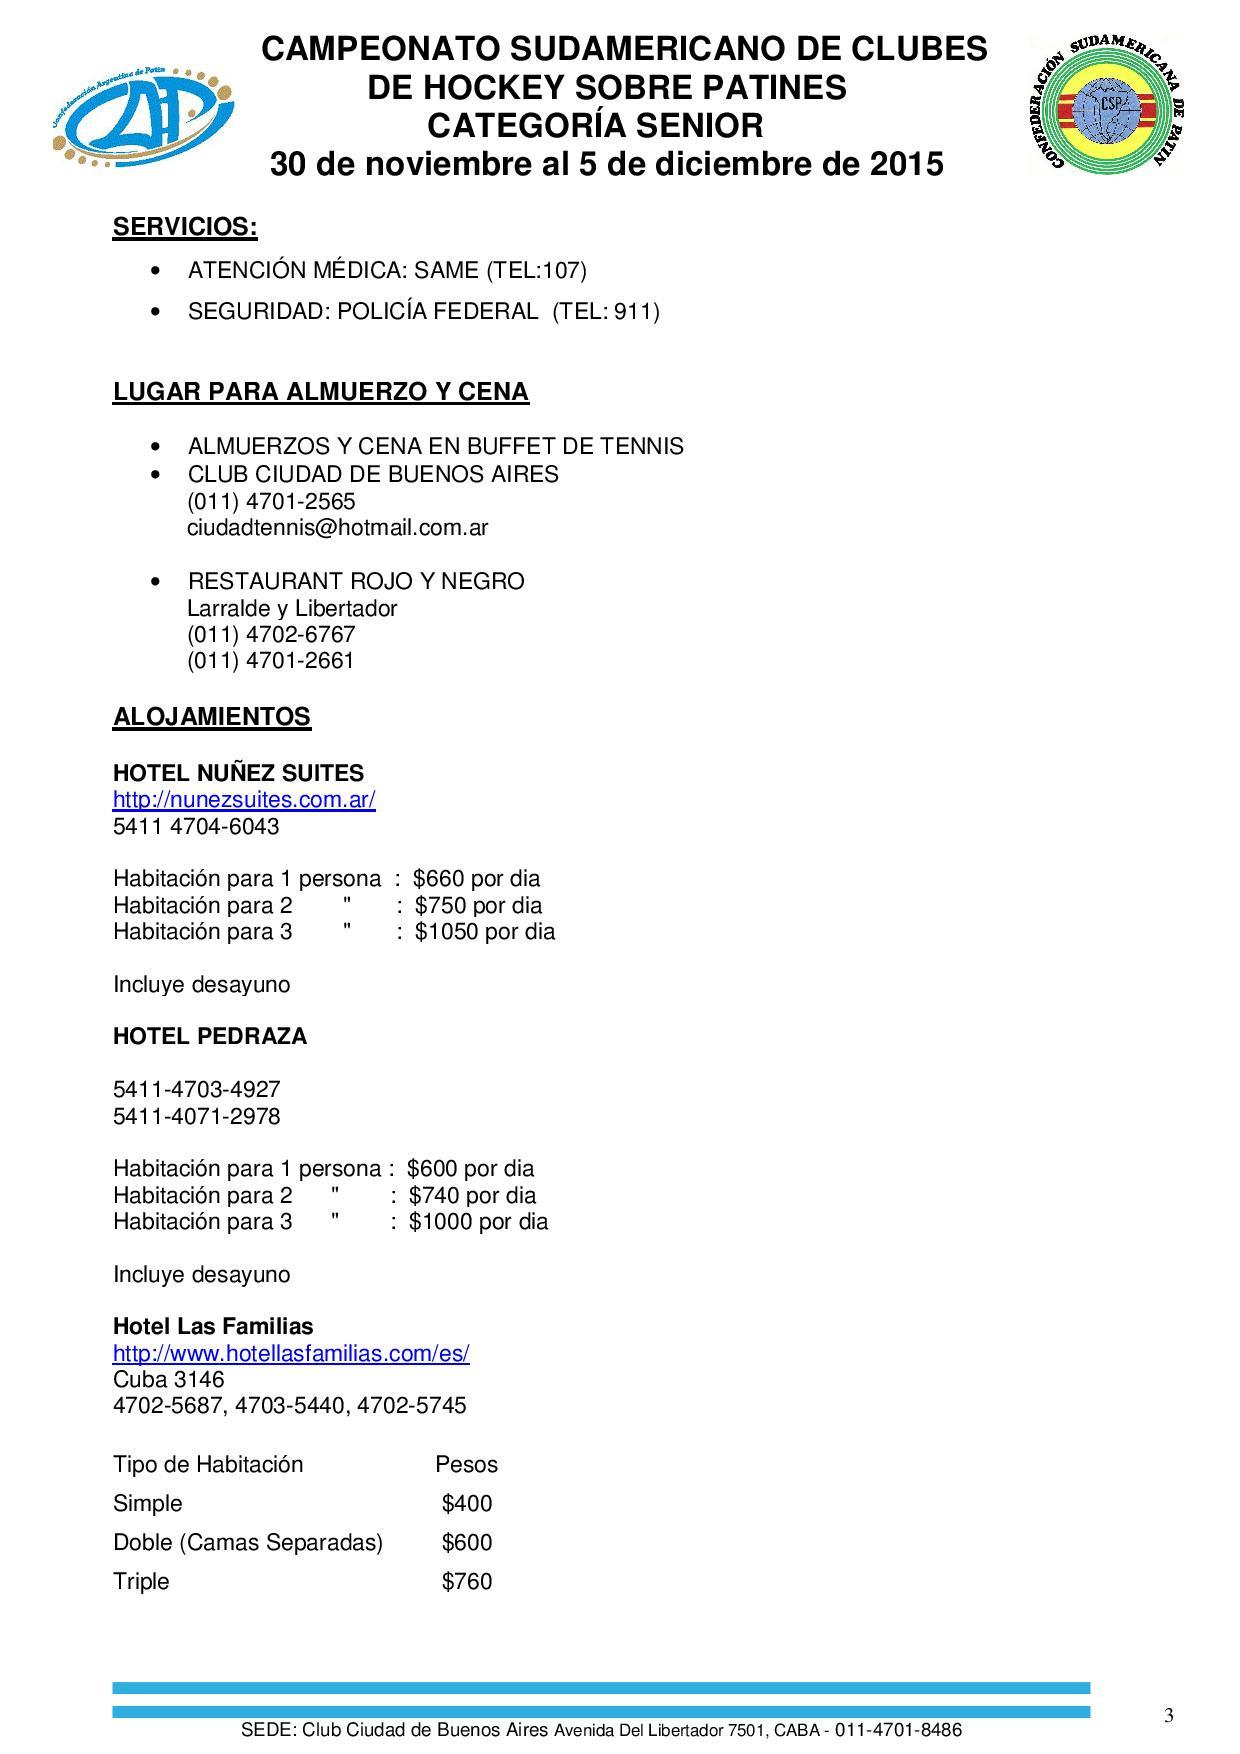 sudaclub-page-012